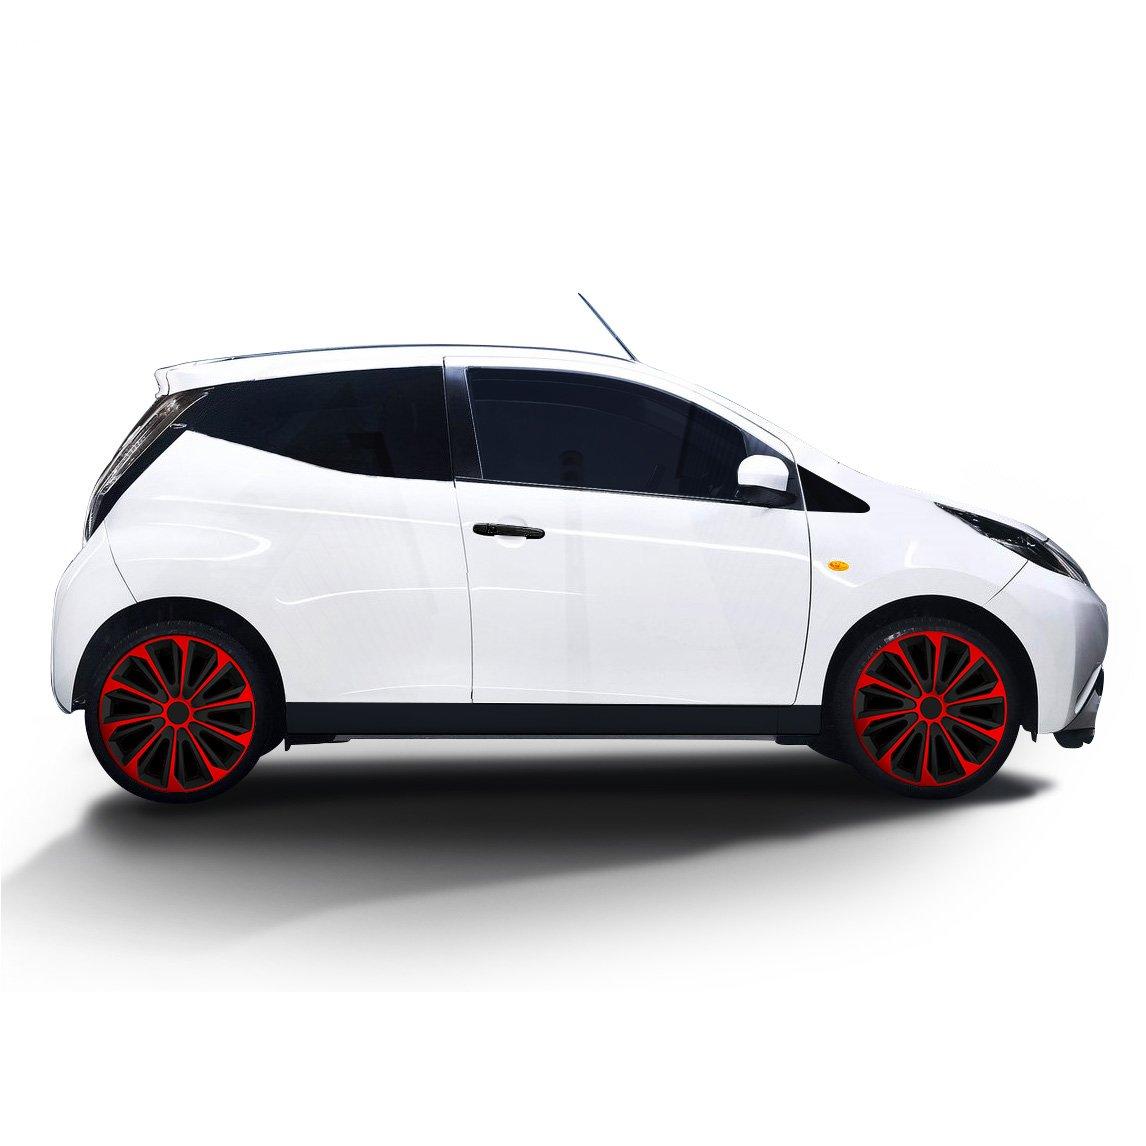 (tamaño a elegir) Tapacubos/Tapacubos Strong bicolor (Negro de color rojo) apto para casi todos los tipos de vehículos (universal): Amazon.es: Coche y moto